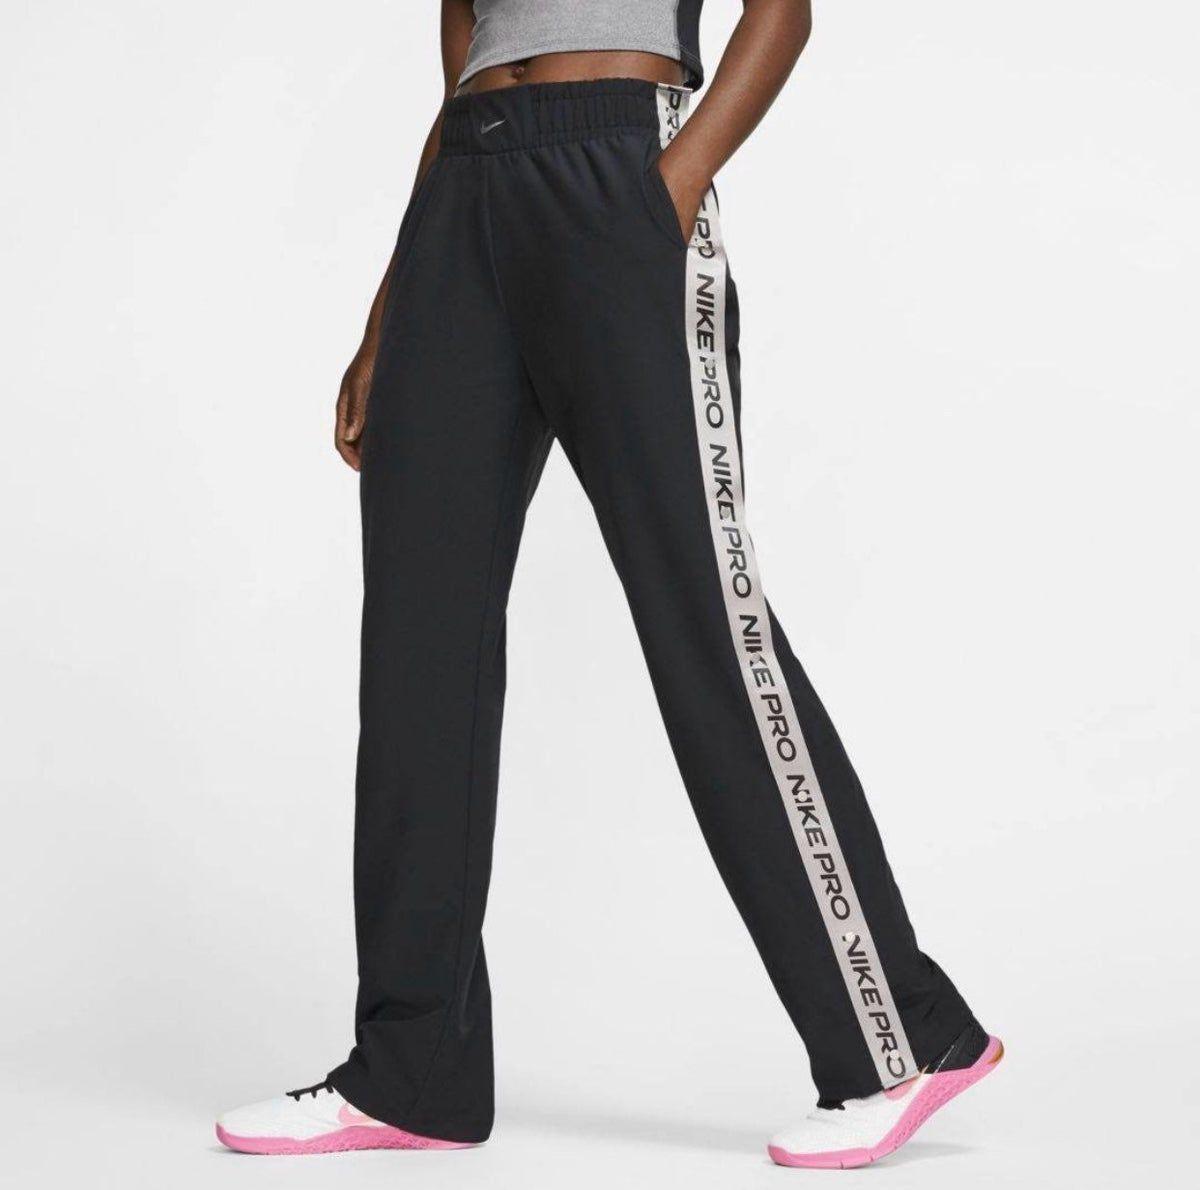 Mas Nuevo Sin Costo Vestidos De Fiesta Cortos Moda Popular Pantalon Nike Pro Tear Away Pa Pantalones Con Botones Pantalones Nike Pantalones De Mujer